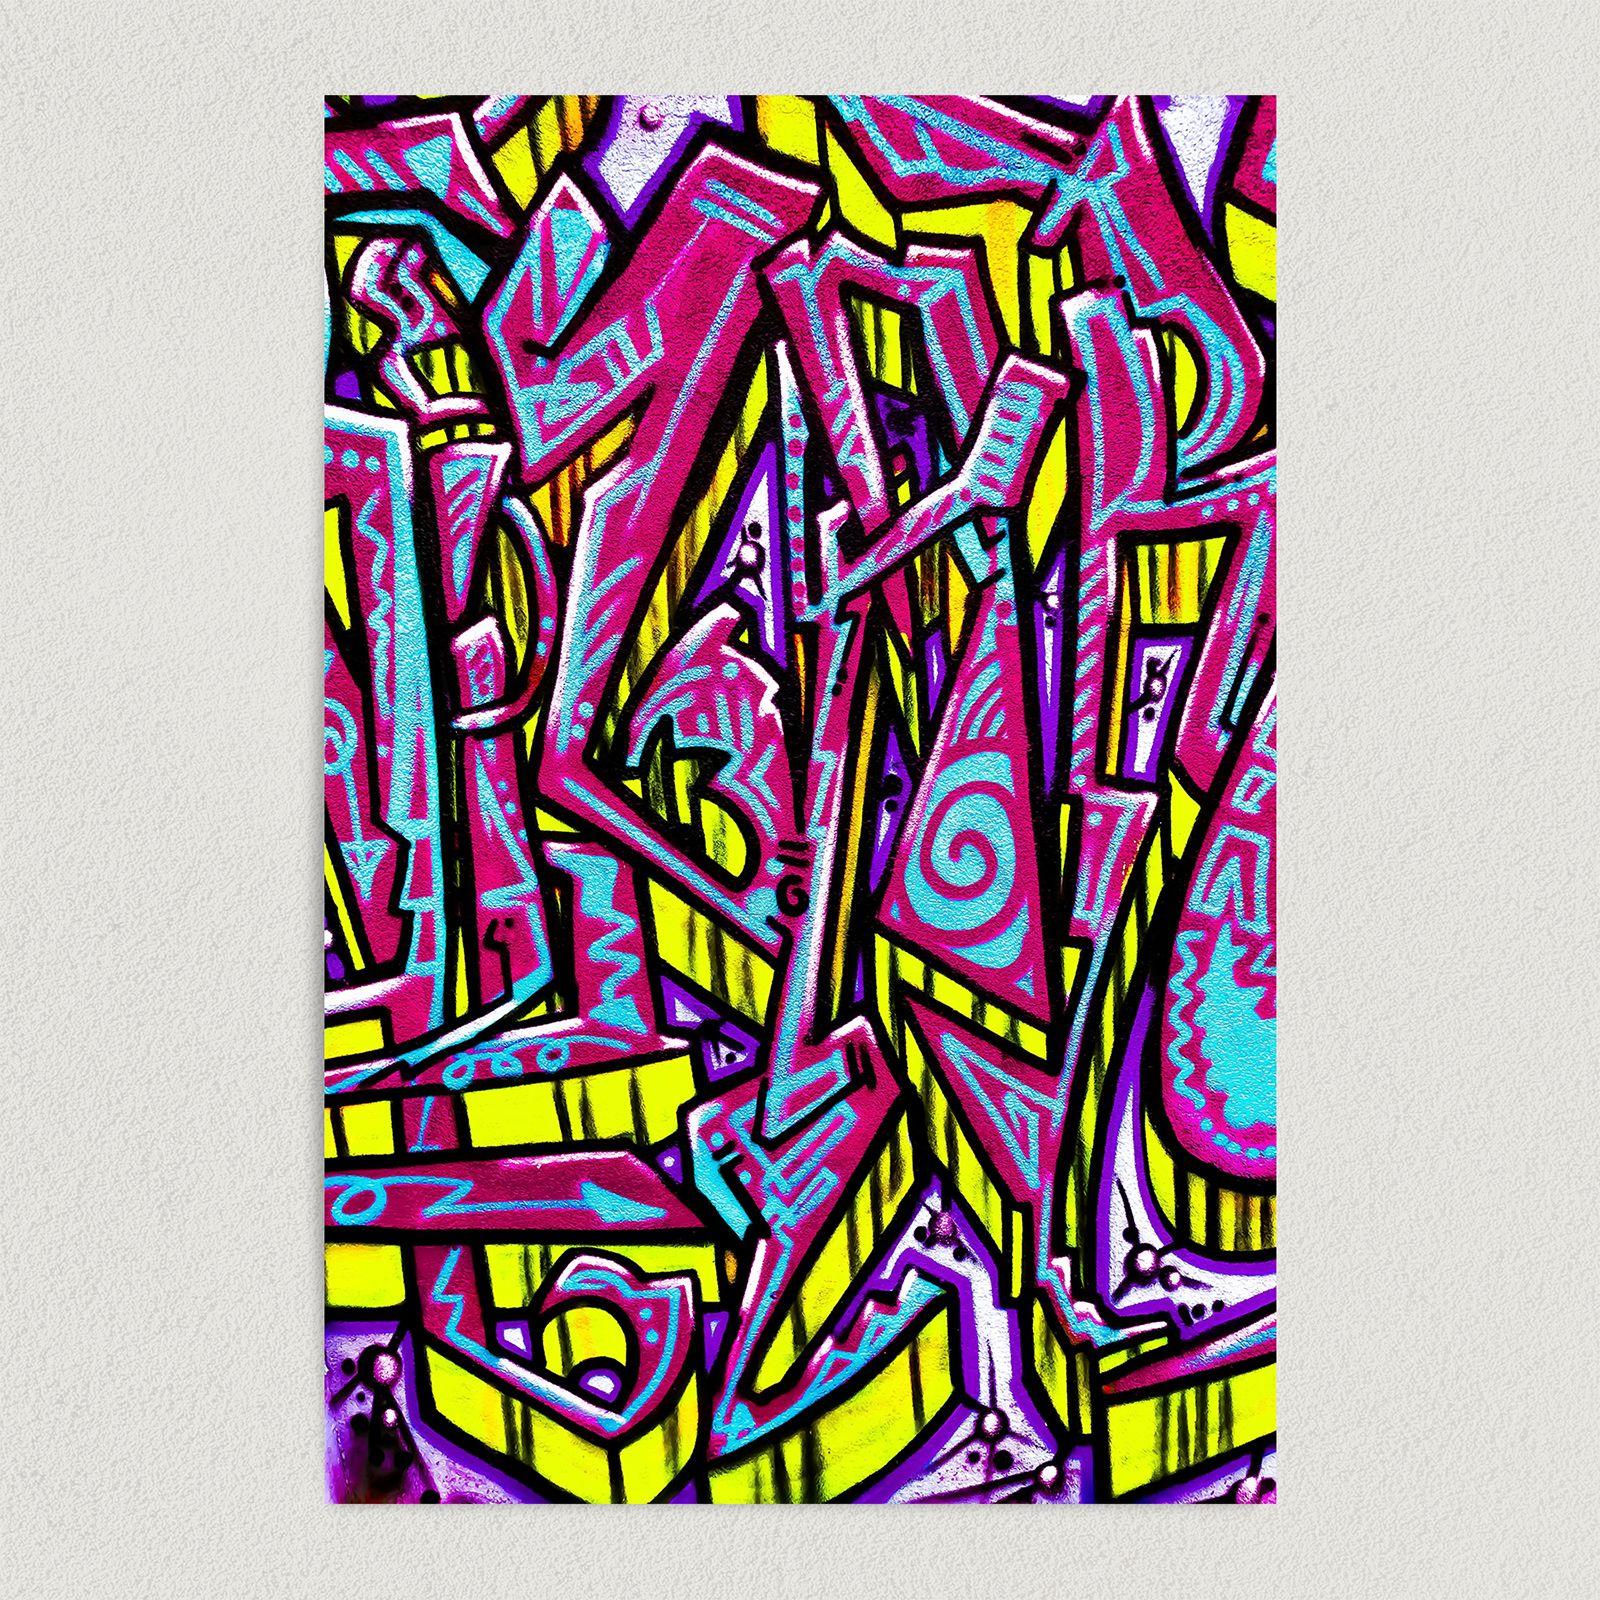 Urban Street Art Neon Graffiti Art Print Poster 12″ x 18″ Wall Art FP3170